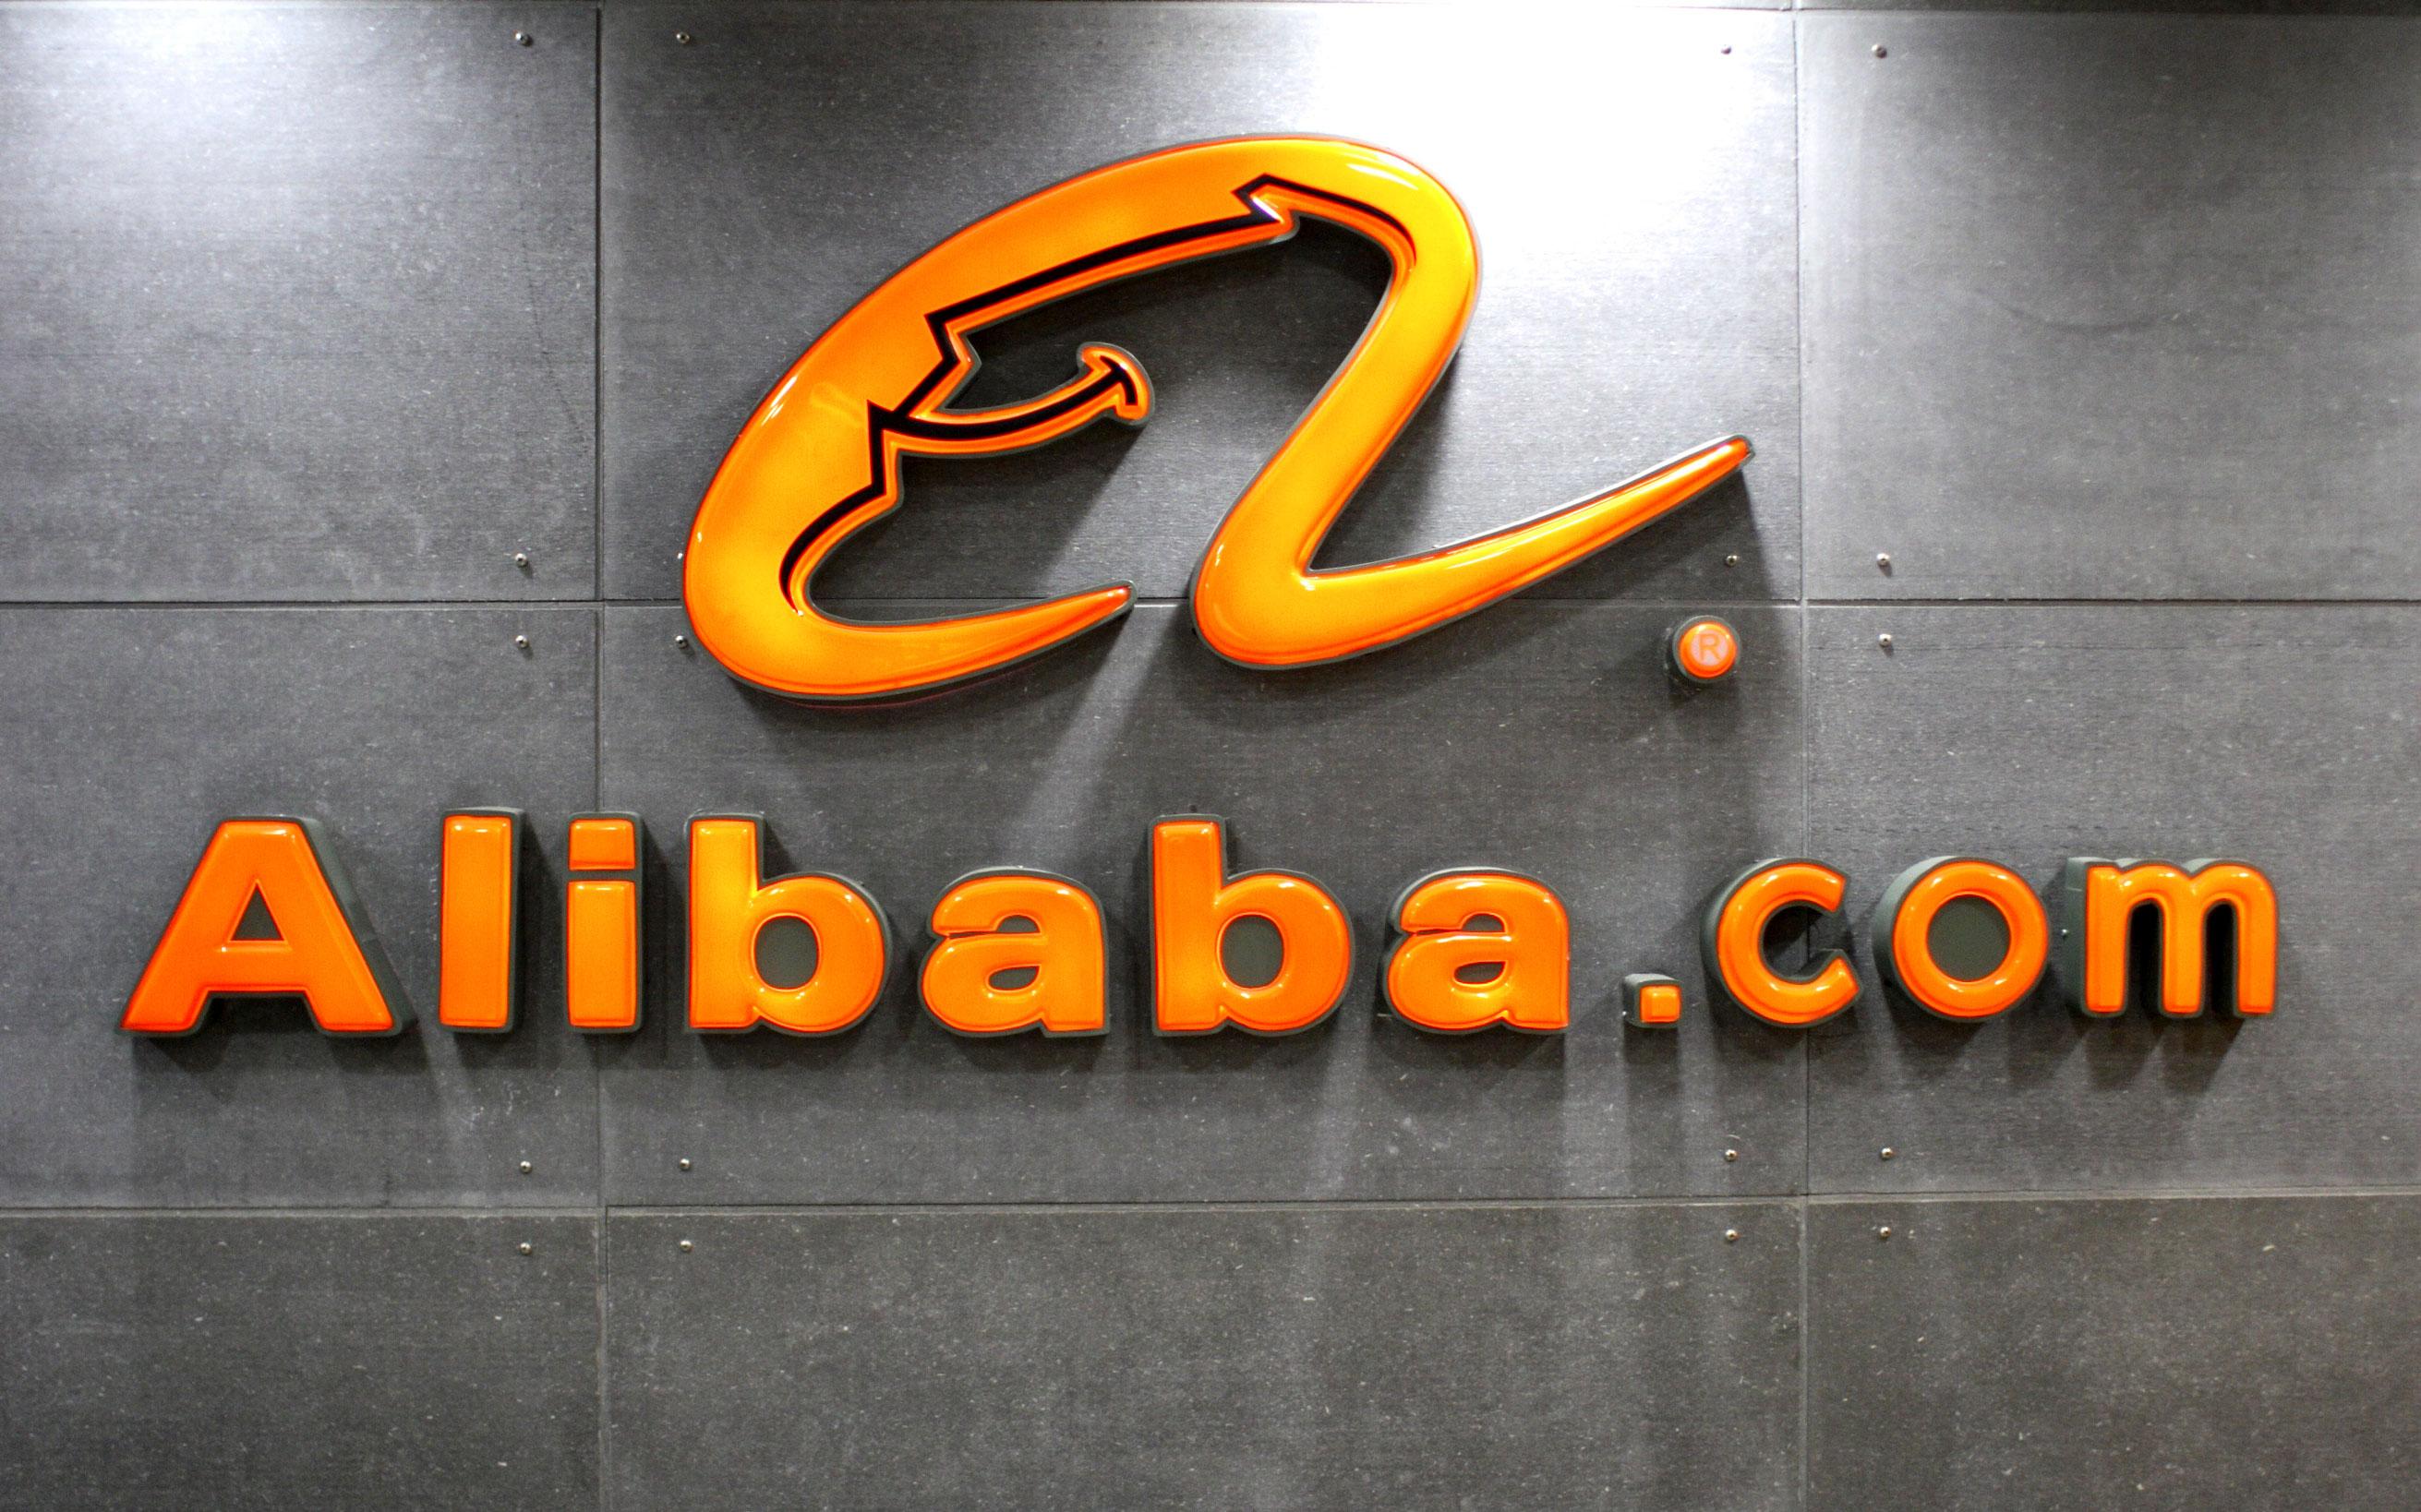 China - Zhejiang - Hangzhou - Internet in China - Alibaba.com Logo